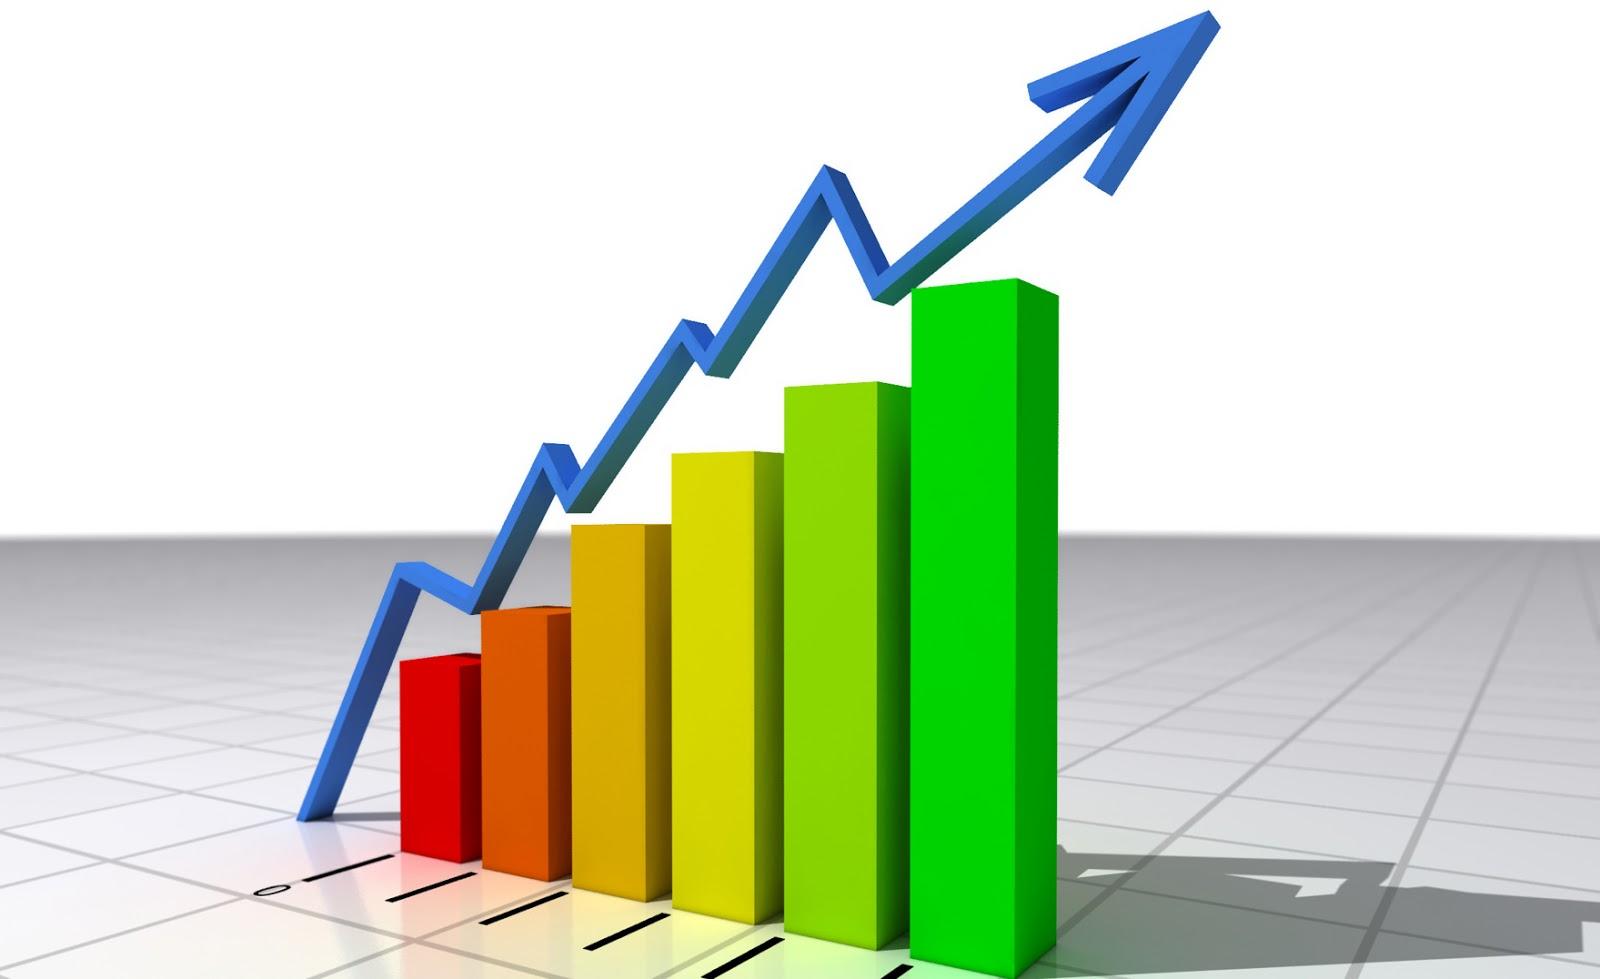 El mes de marzo ha generado al menos una contracción de 1,05%